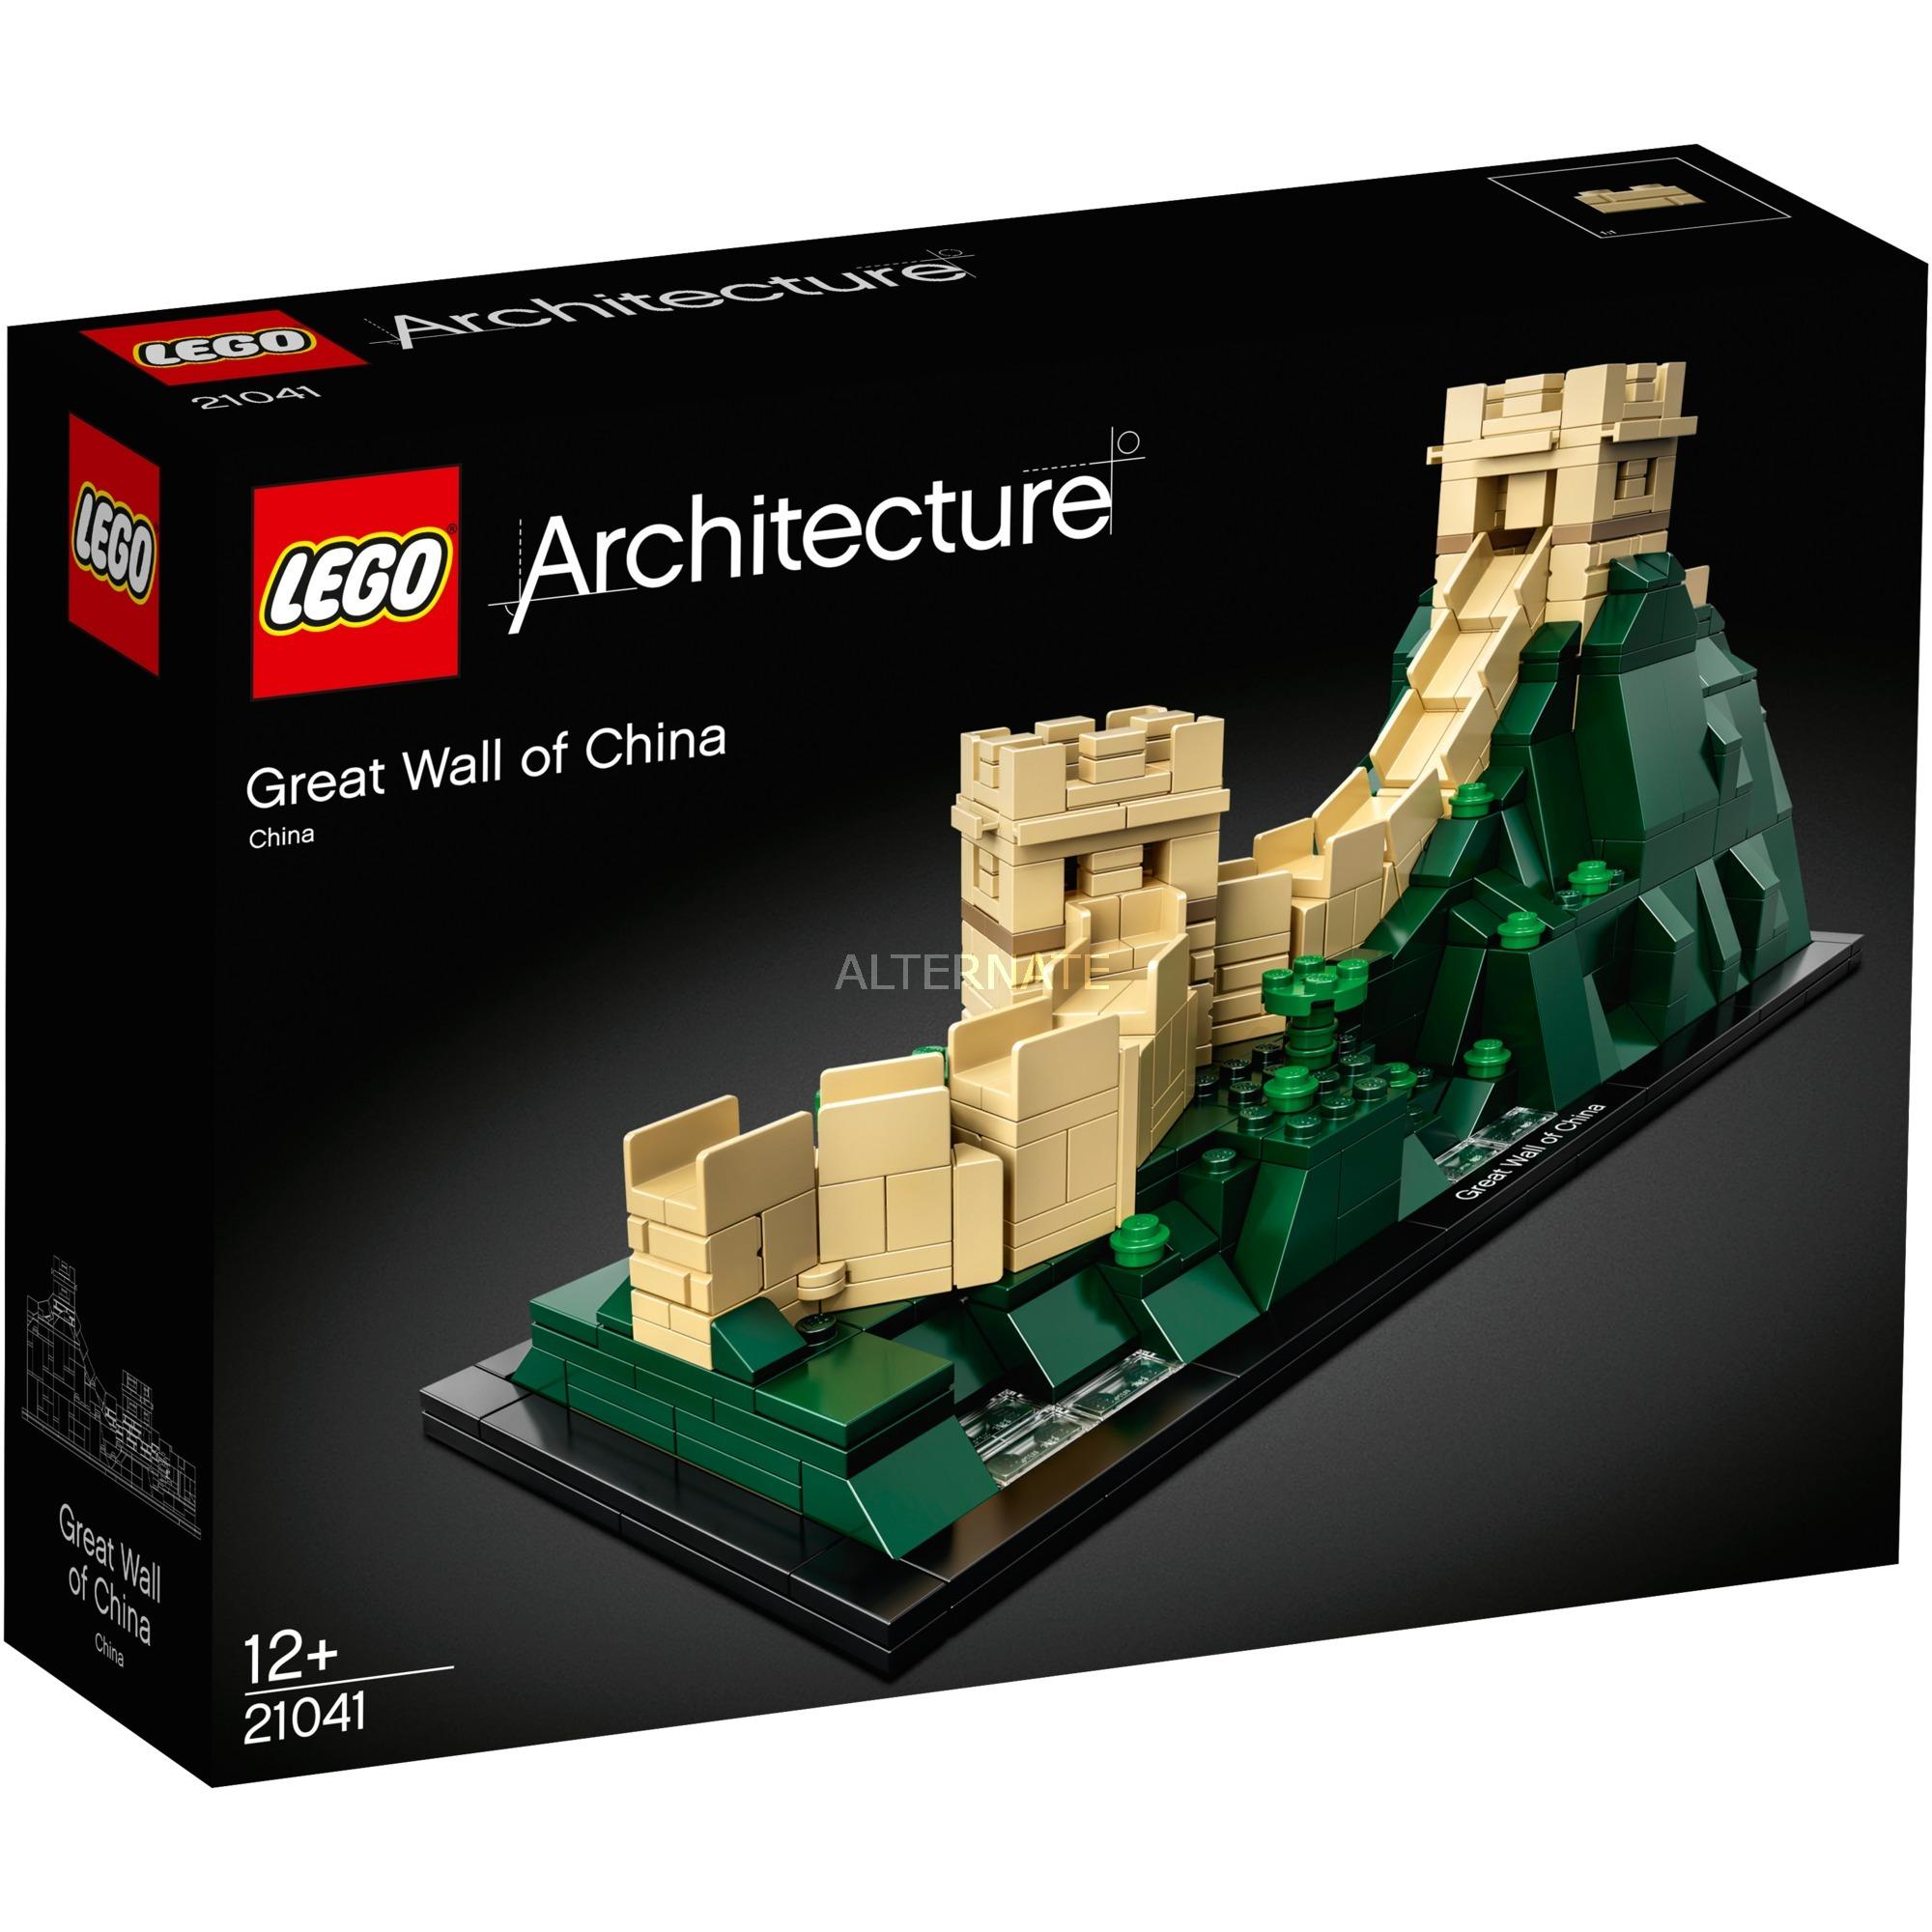 Architecture 21041 La gran muralla china, Juegos de construcción